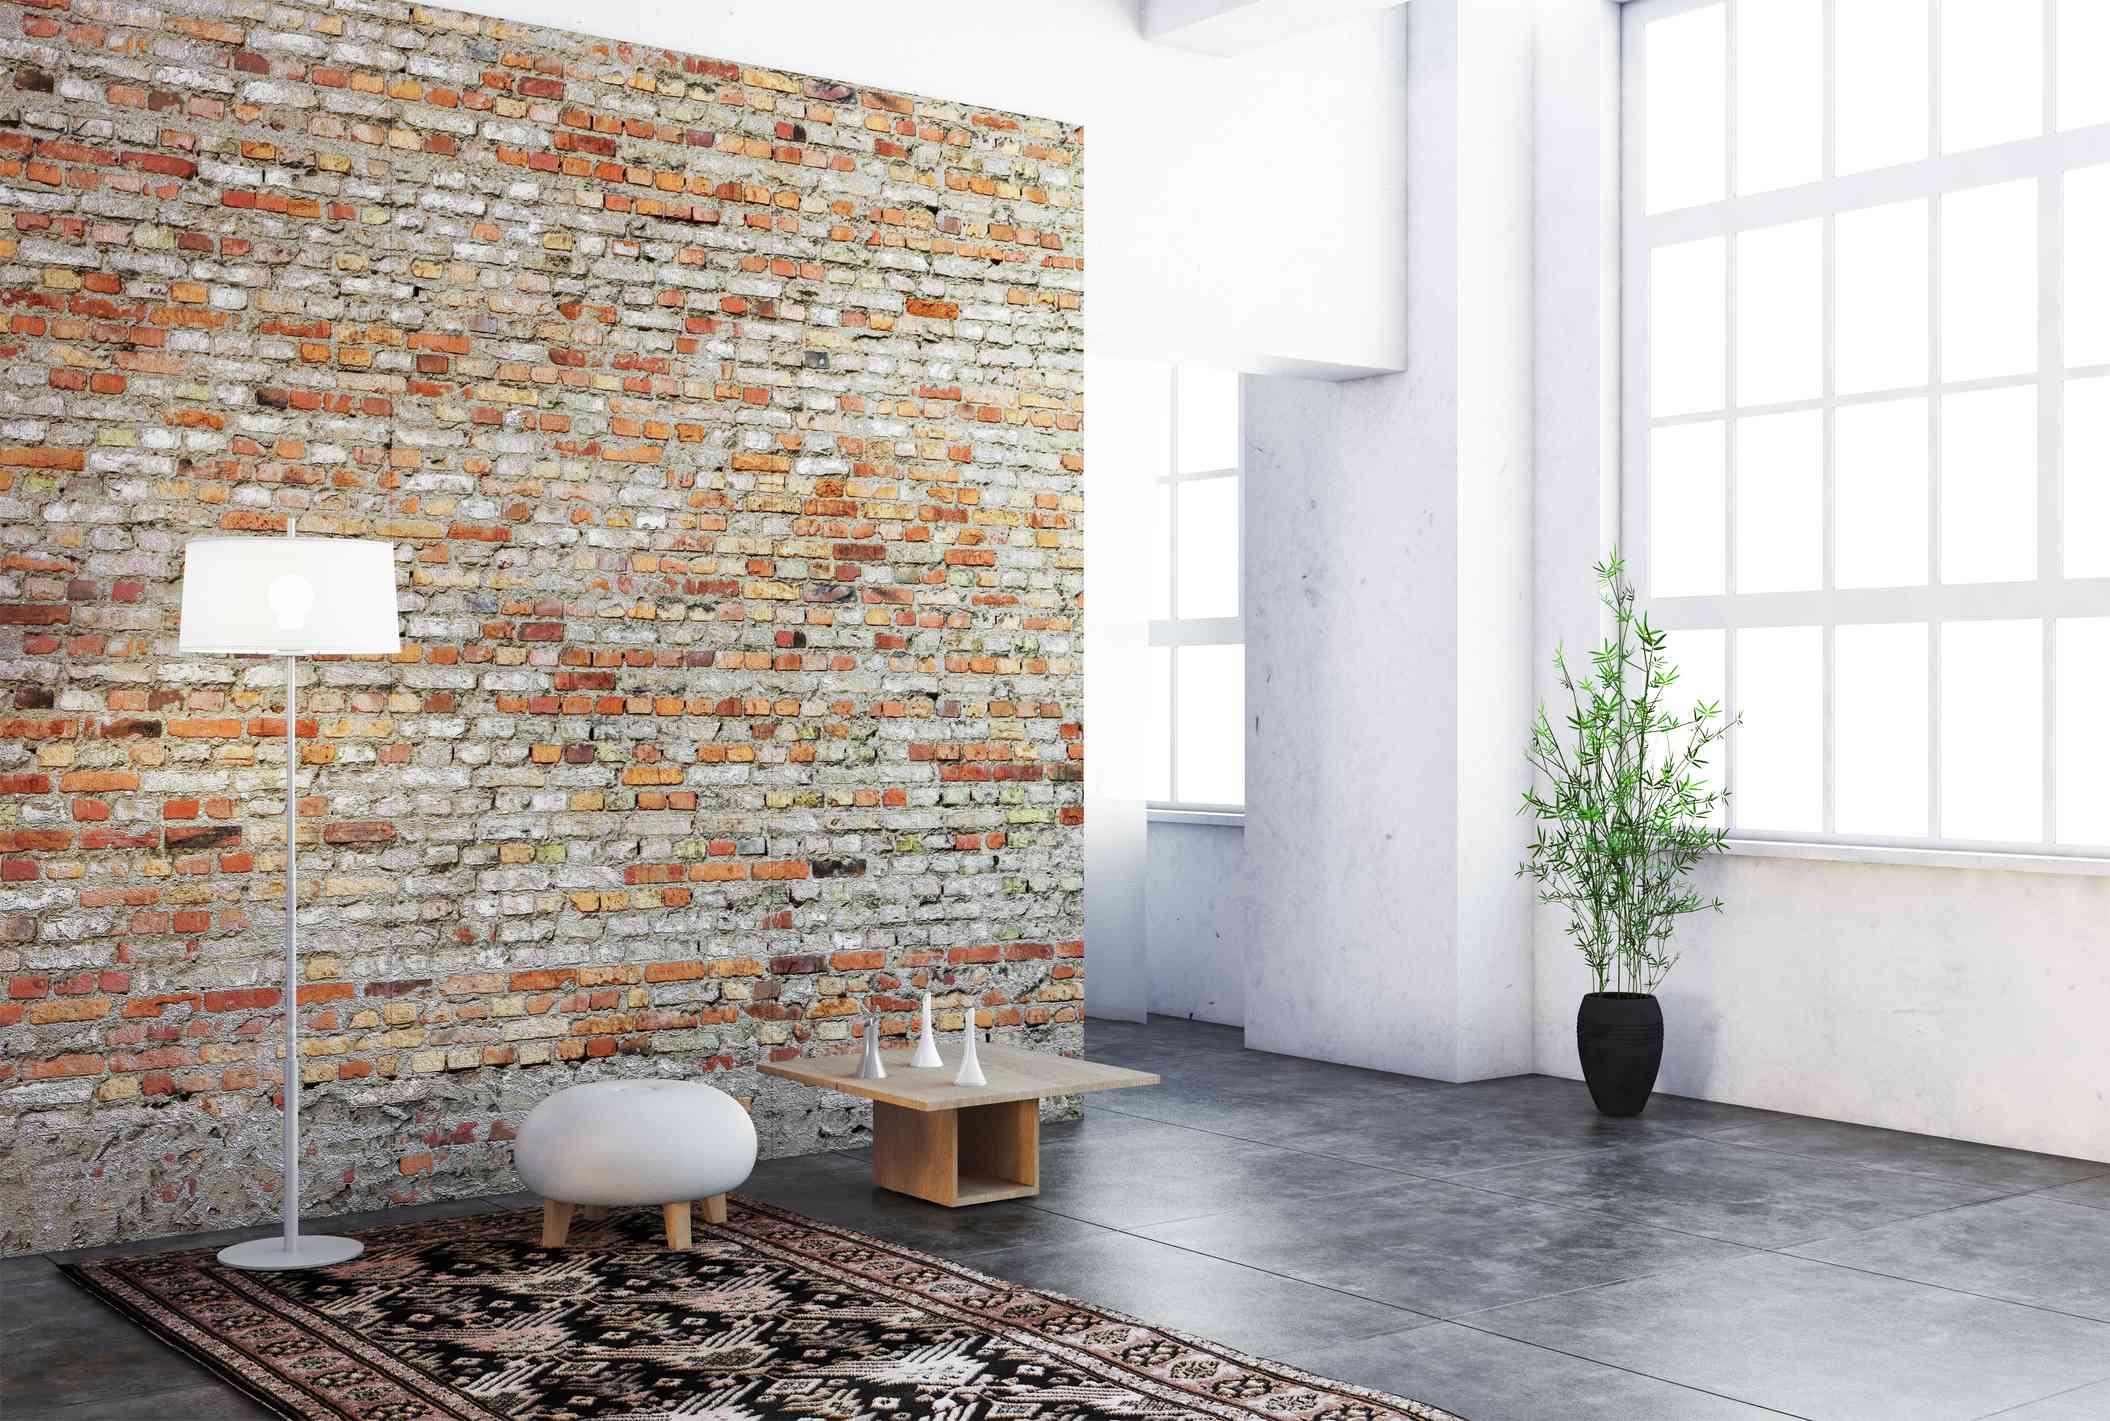 Imagen que muestra piezas de decoración contemporánea en una habitación